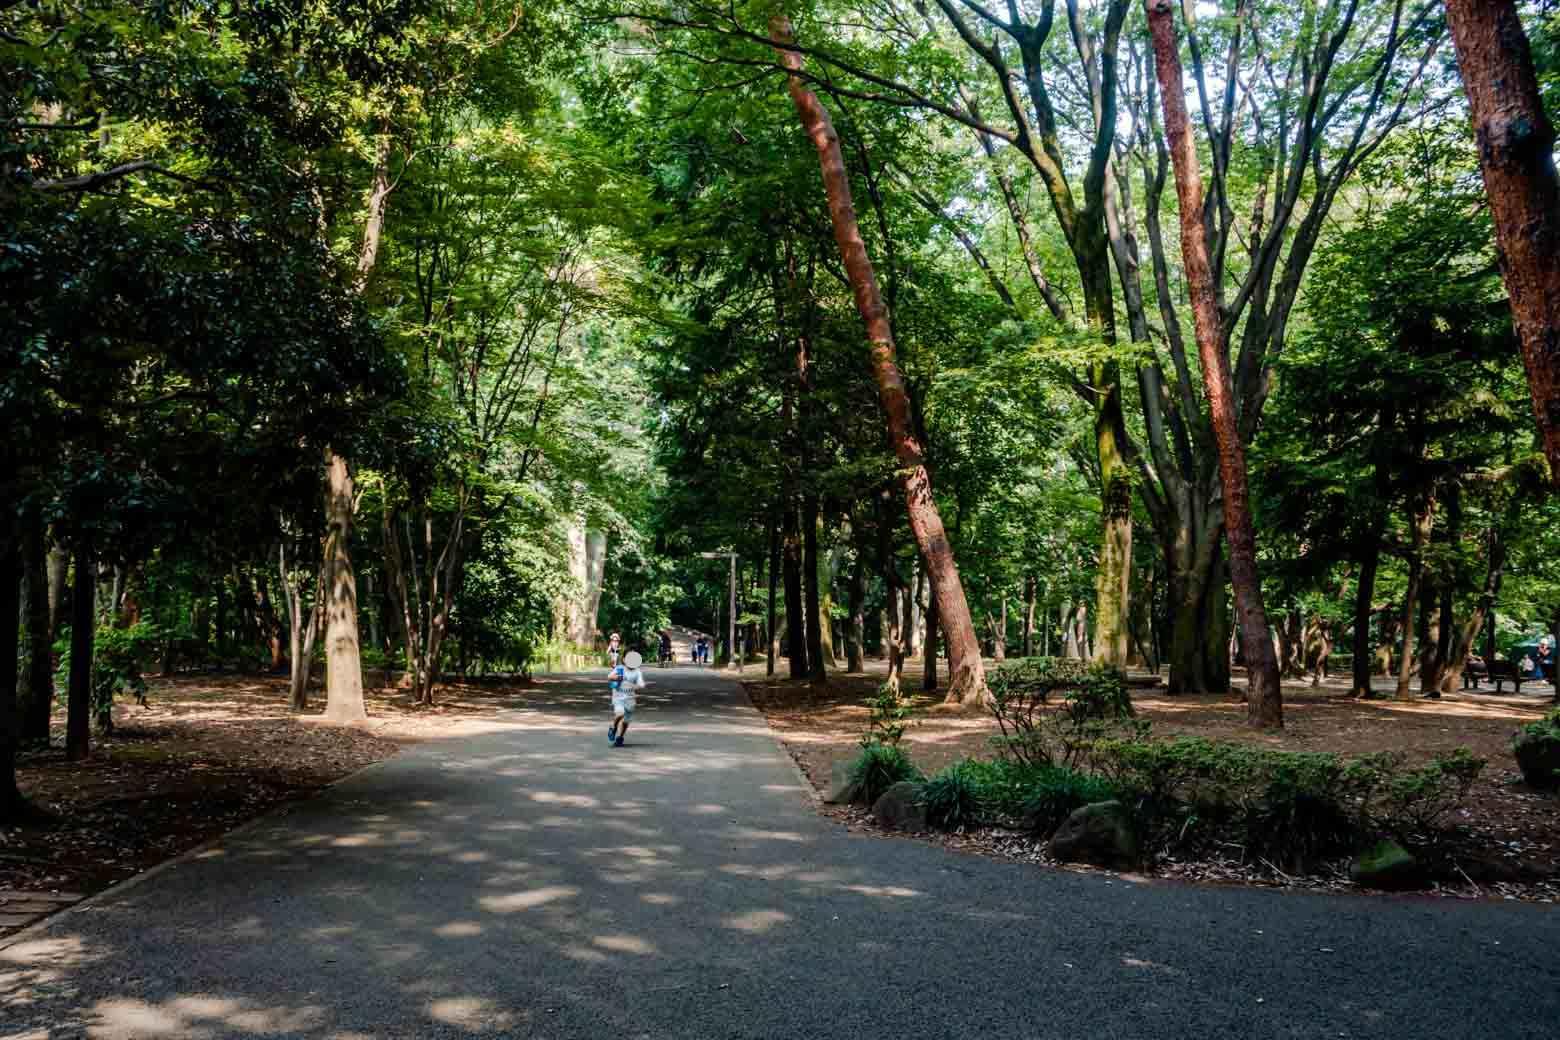 都会の中にこんな場所が!と驚くほど自然豊かな公園、「林試の森公園」